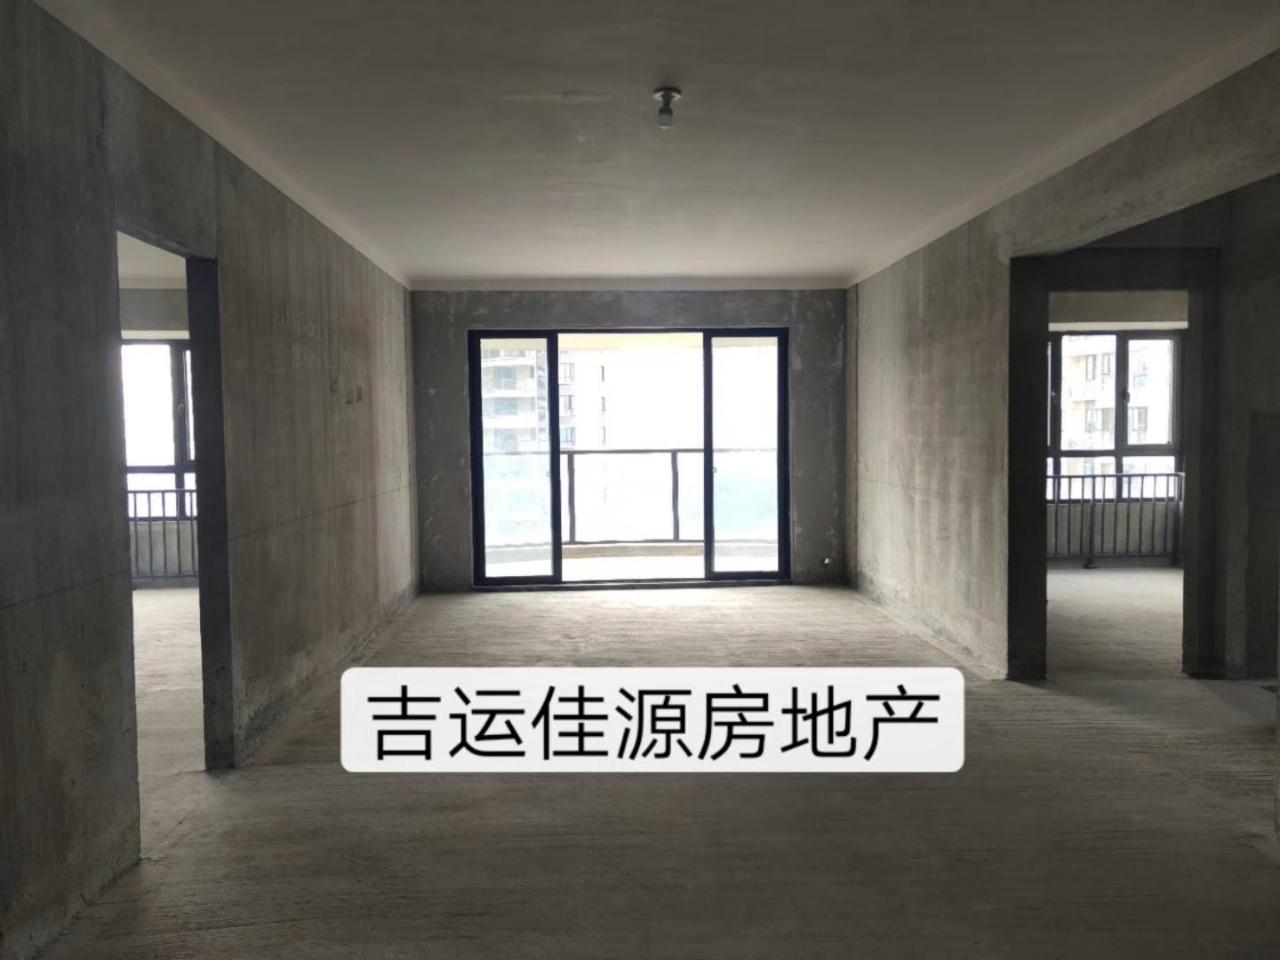 國酒城毛坯大樓王8000/現款鑰匙在手